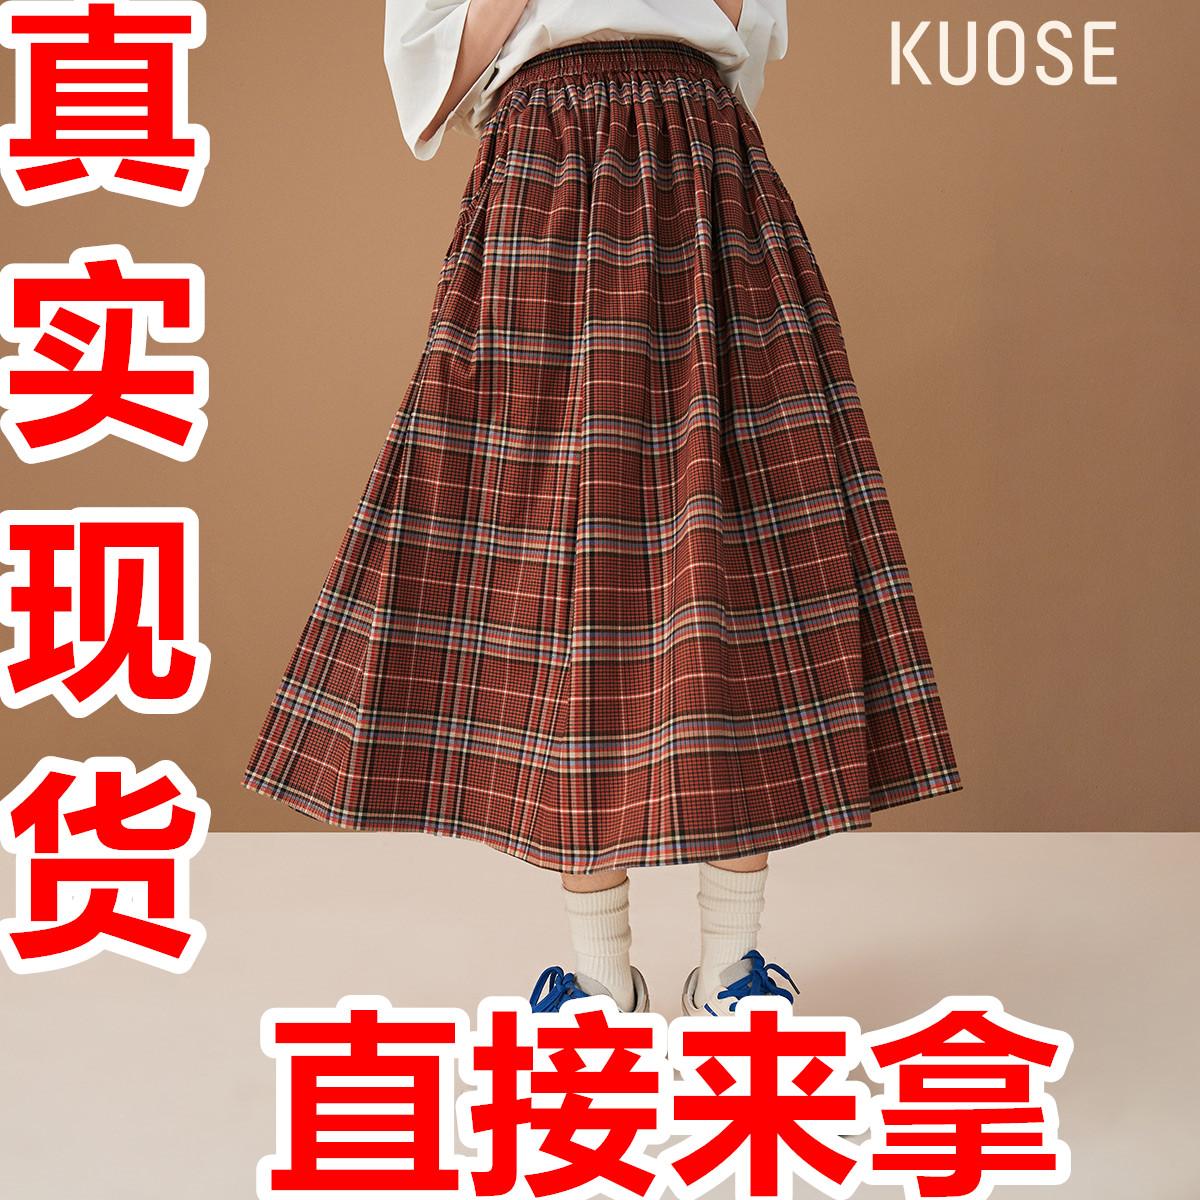 闊色復古格紋中長款半身裙女2021秋季新款高腰遮跨顯瘦a字裙